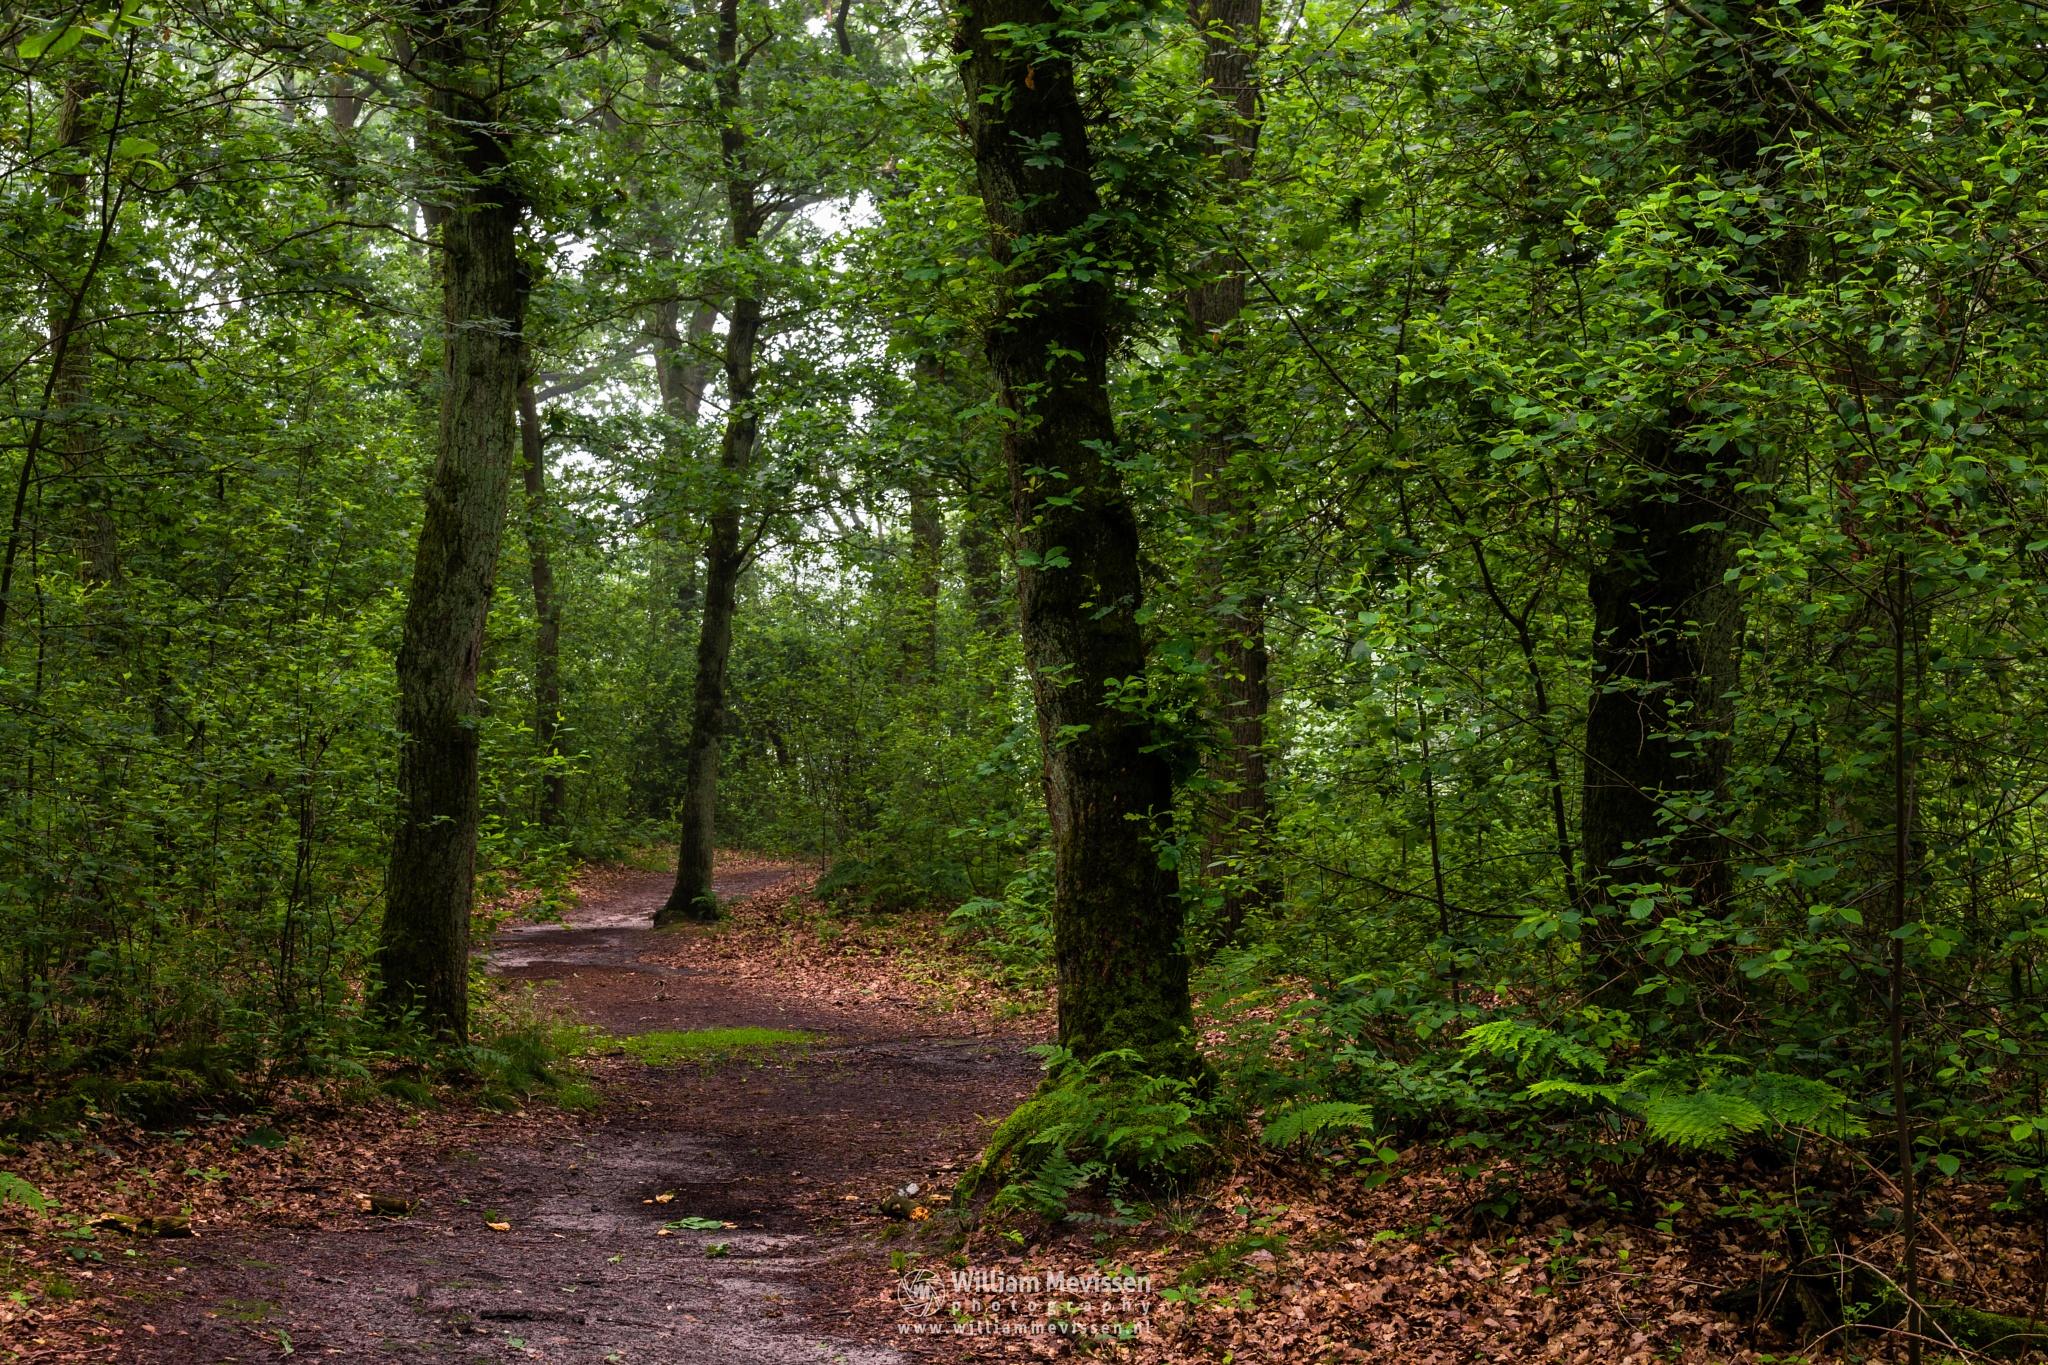 Green Forest Path by William Mevissen